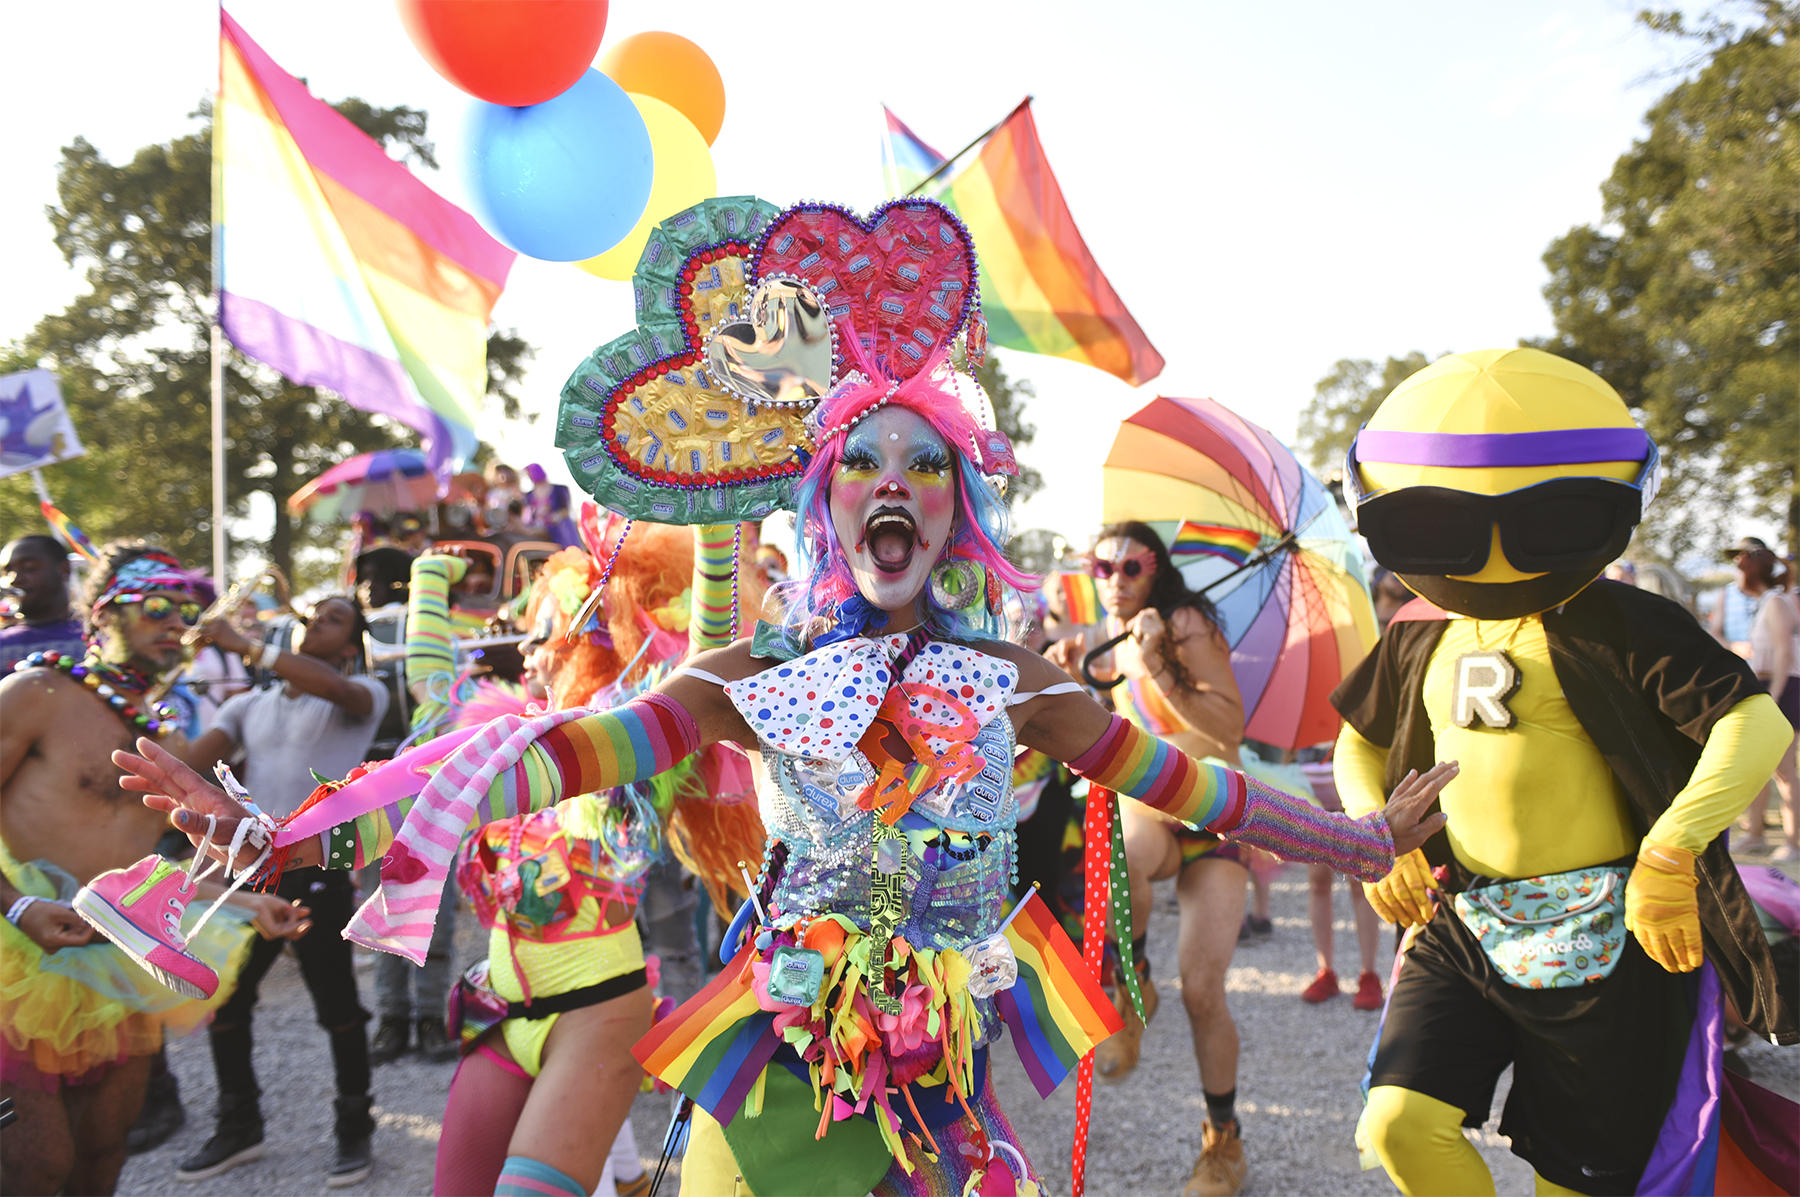 Roo pride_03web.jpg